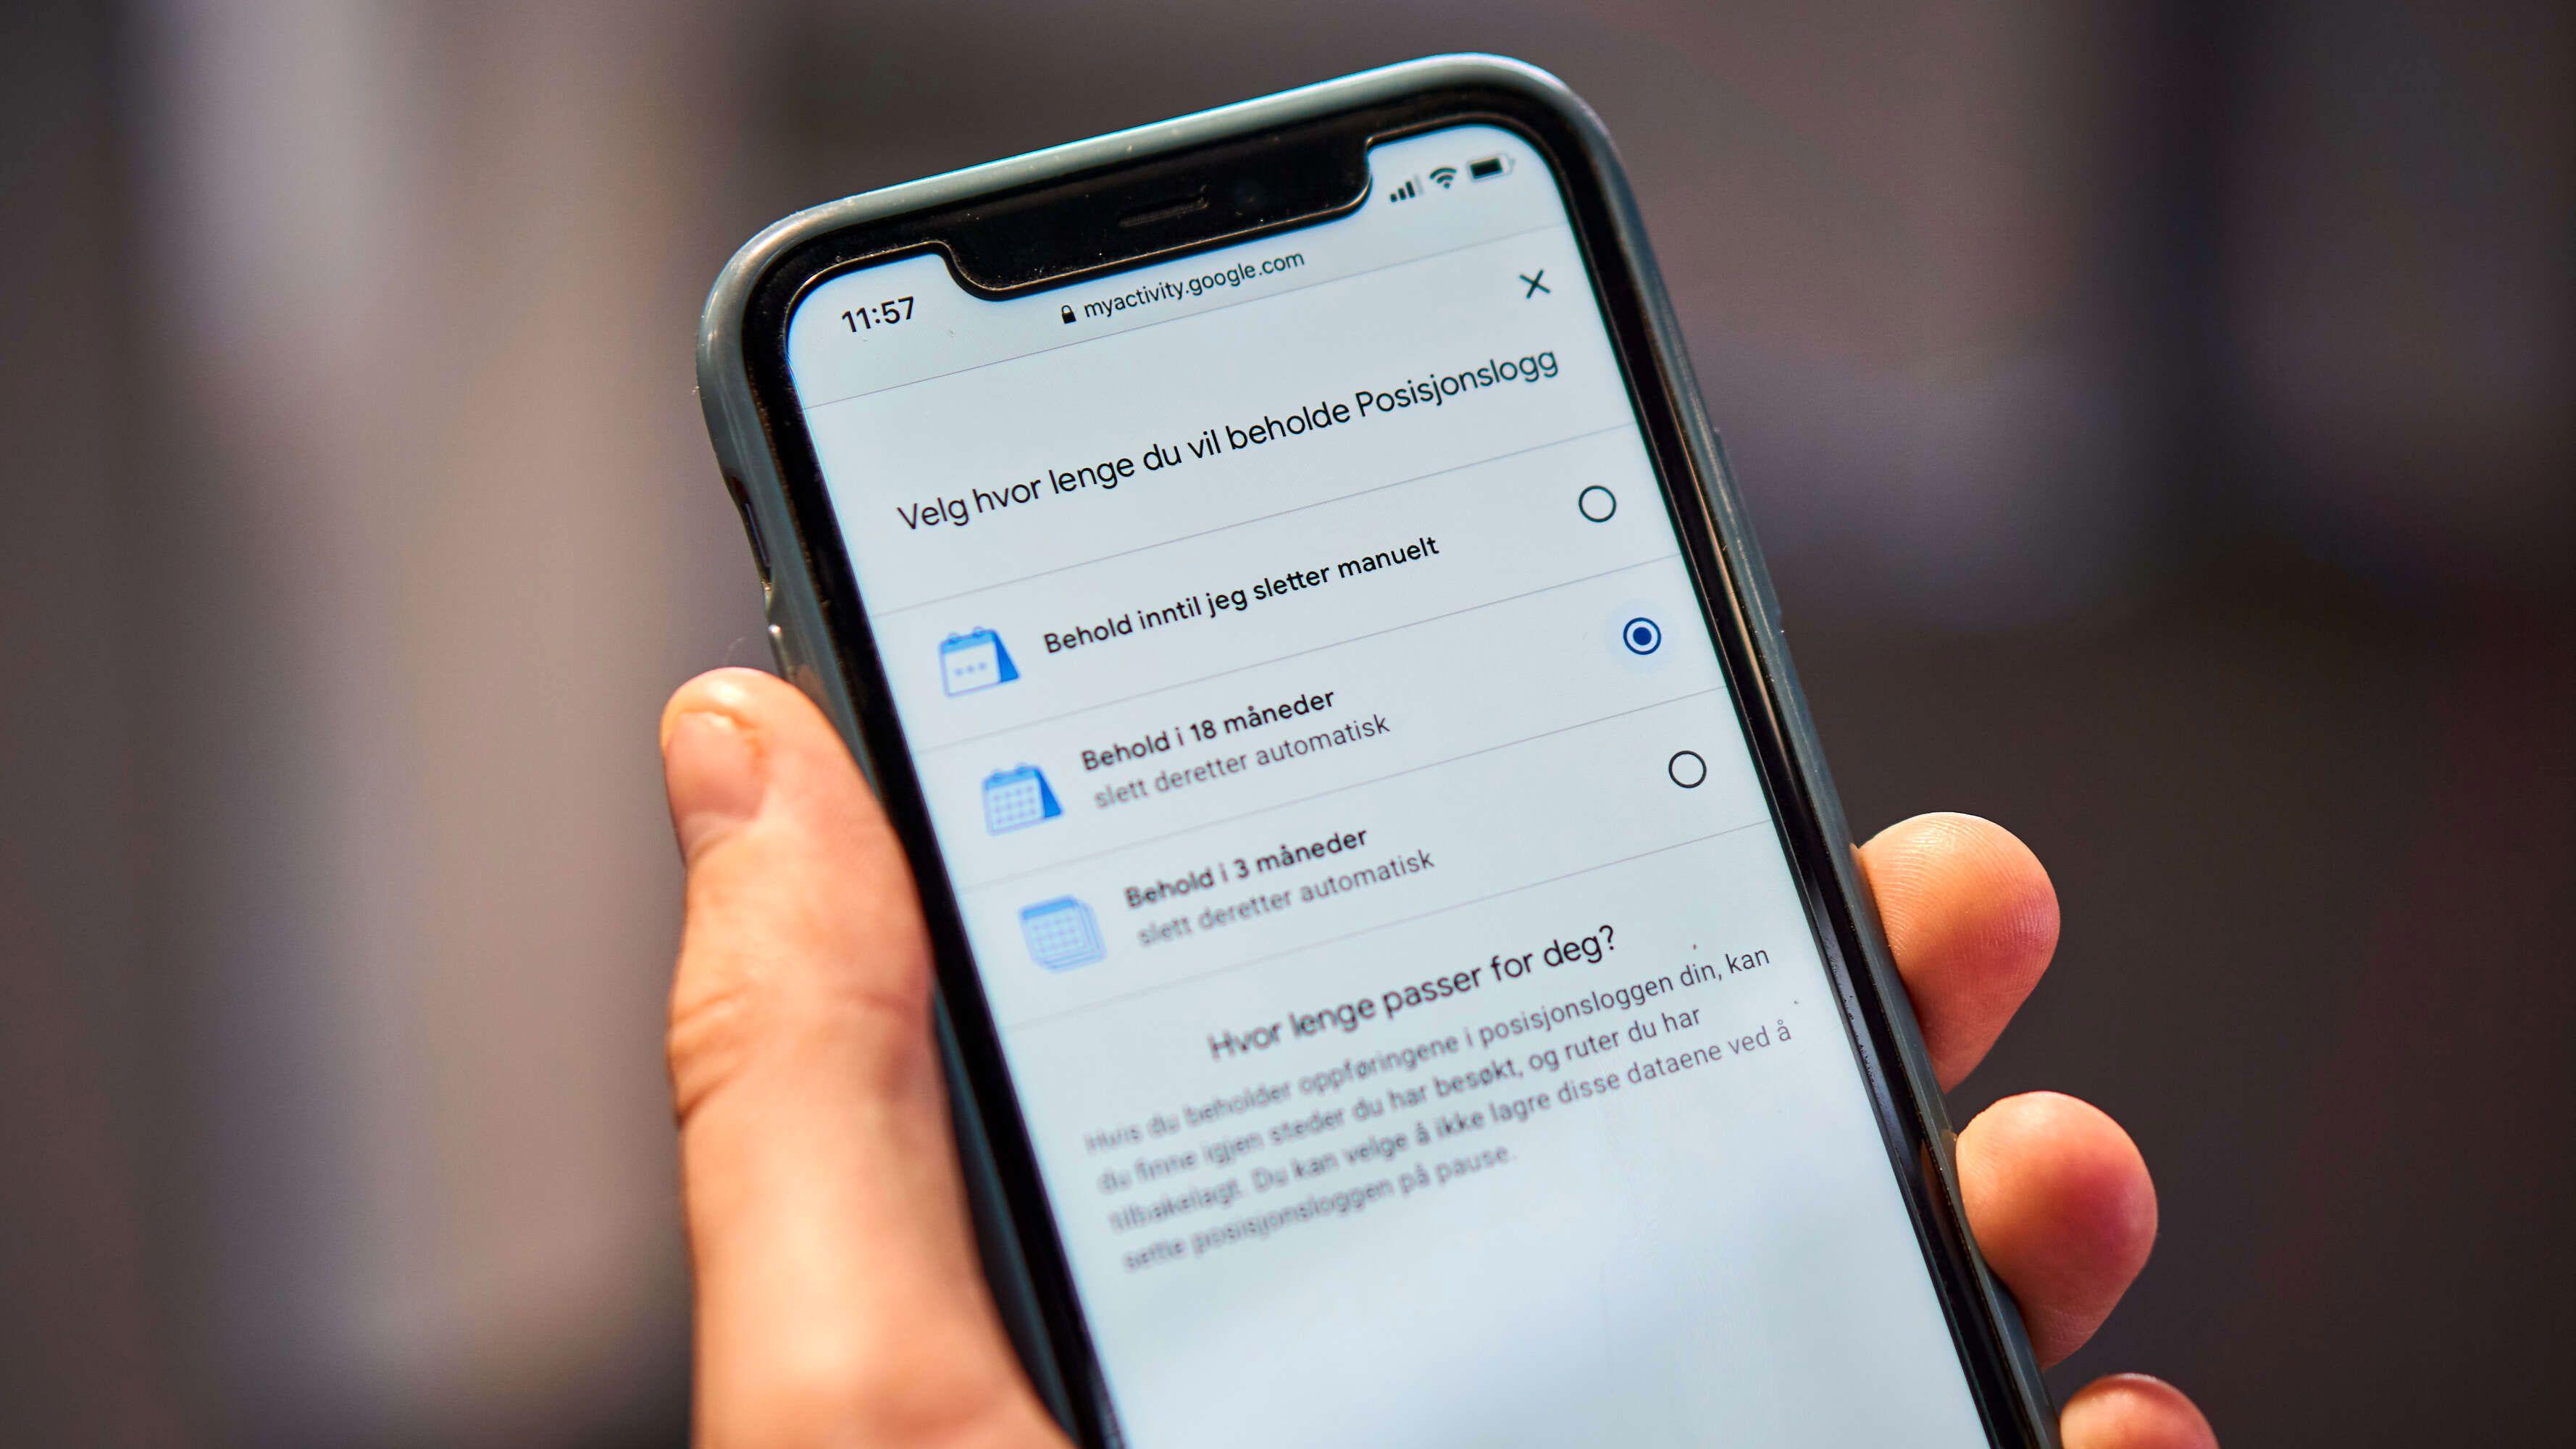 Google sier de nå vil slette data automatisk etter 18 måneder